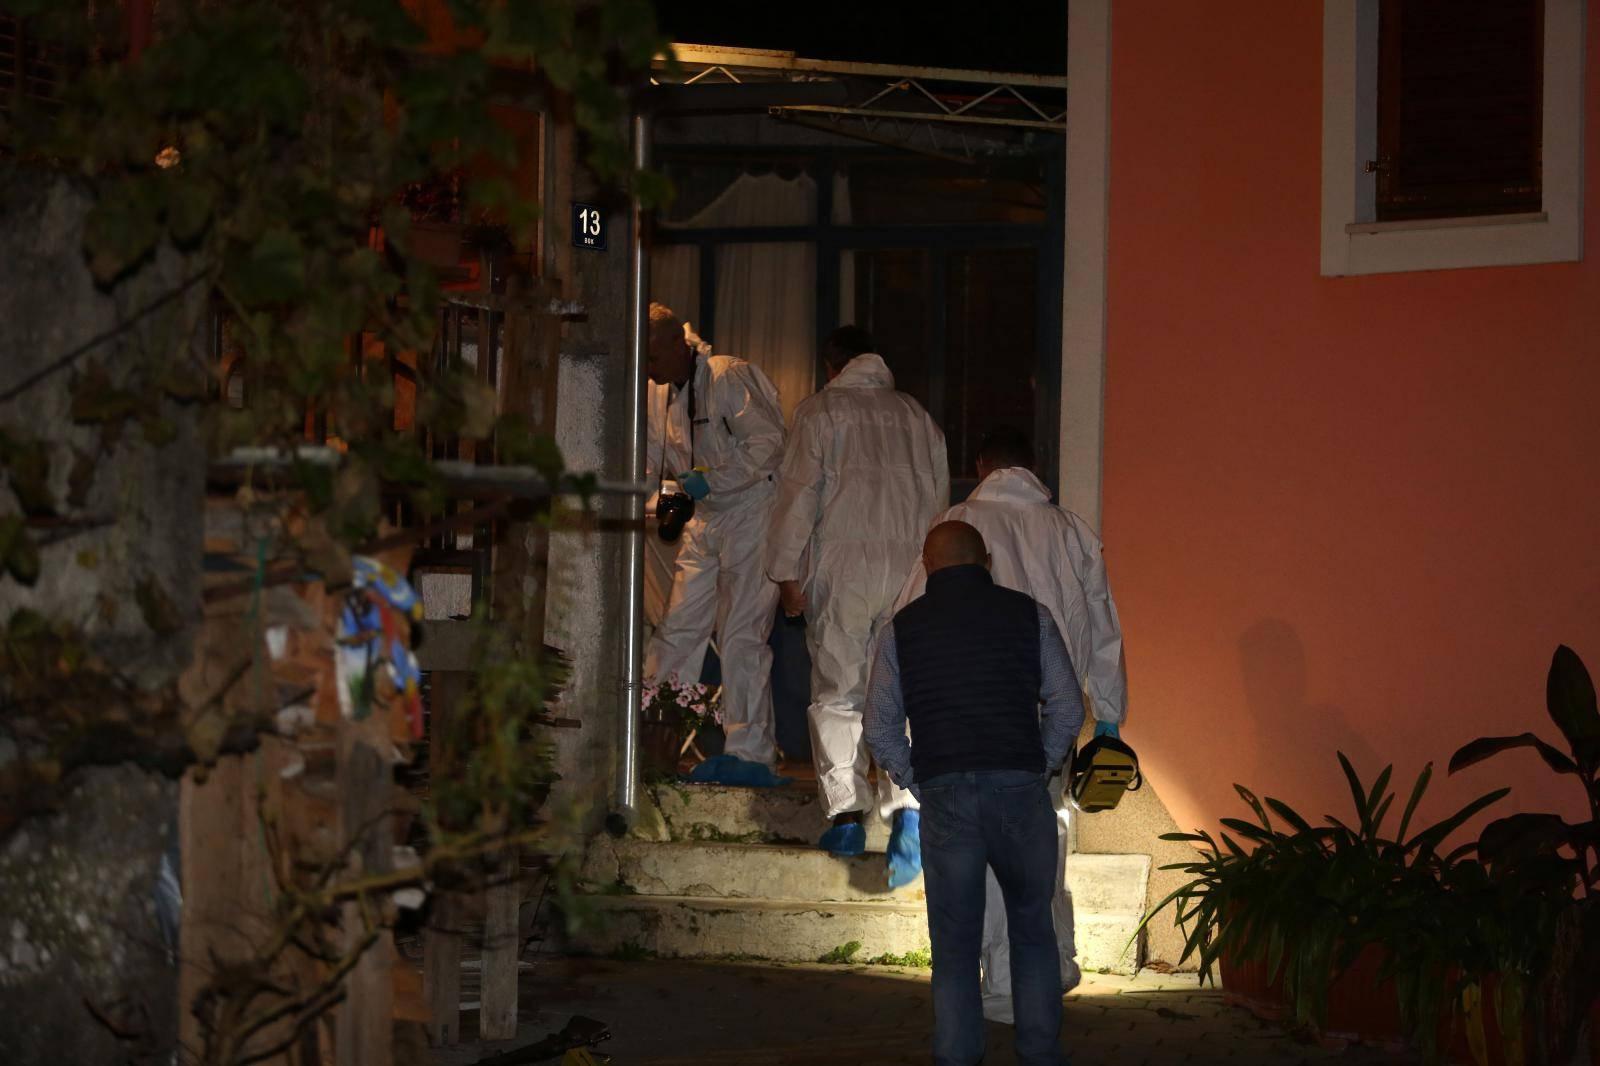 Mrtvo tijelo ženske osobe pronađeno u kući  u mjestu Čavle